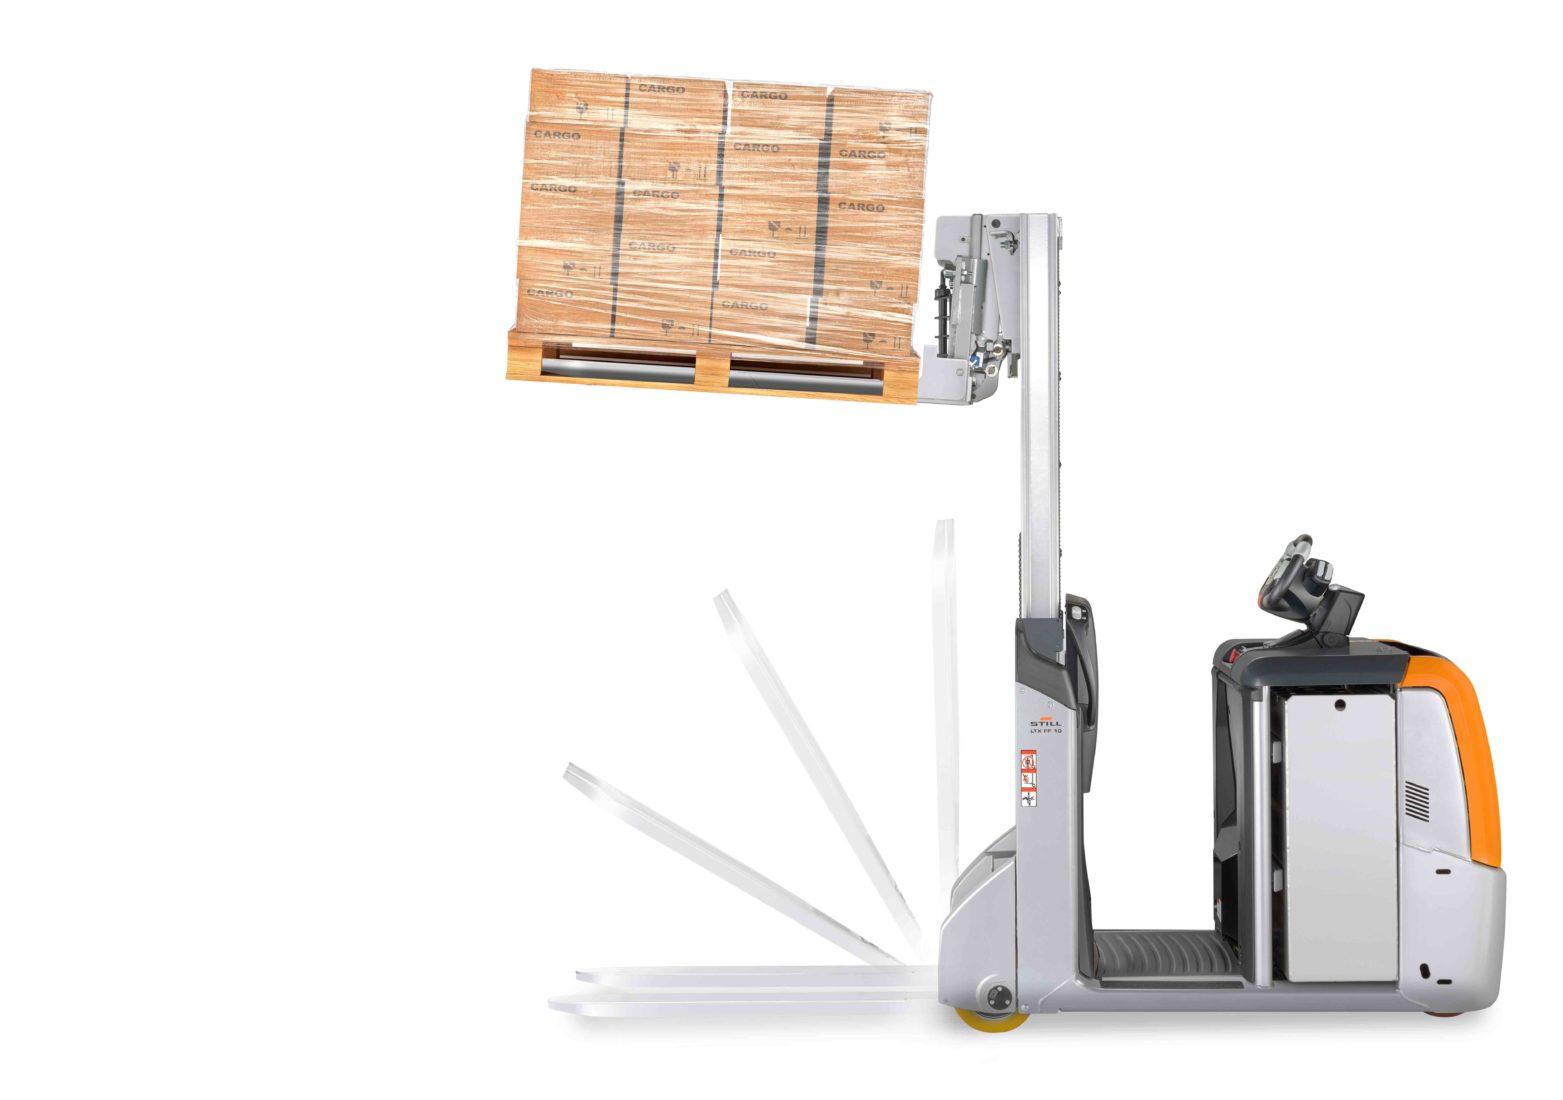 Stapler per Knopfdruck: Die Gabeln des Multifunktionsschleppers lassen sich jederzeit schnell ein- und ausklappen. Foto: STILL GmbH